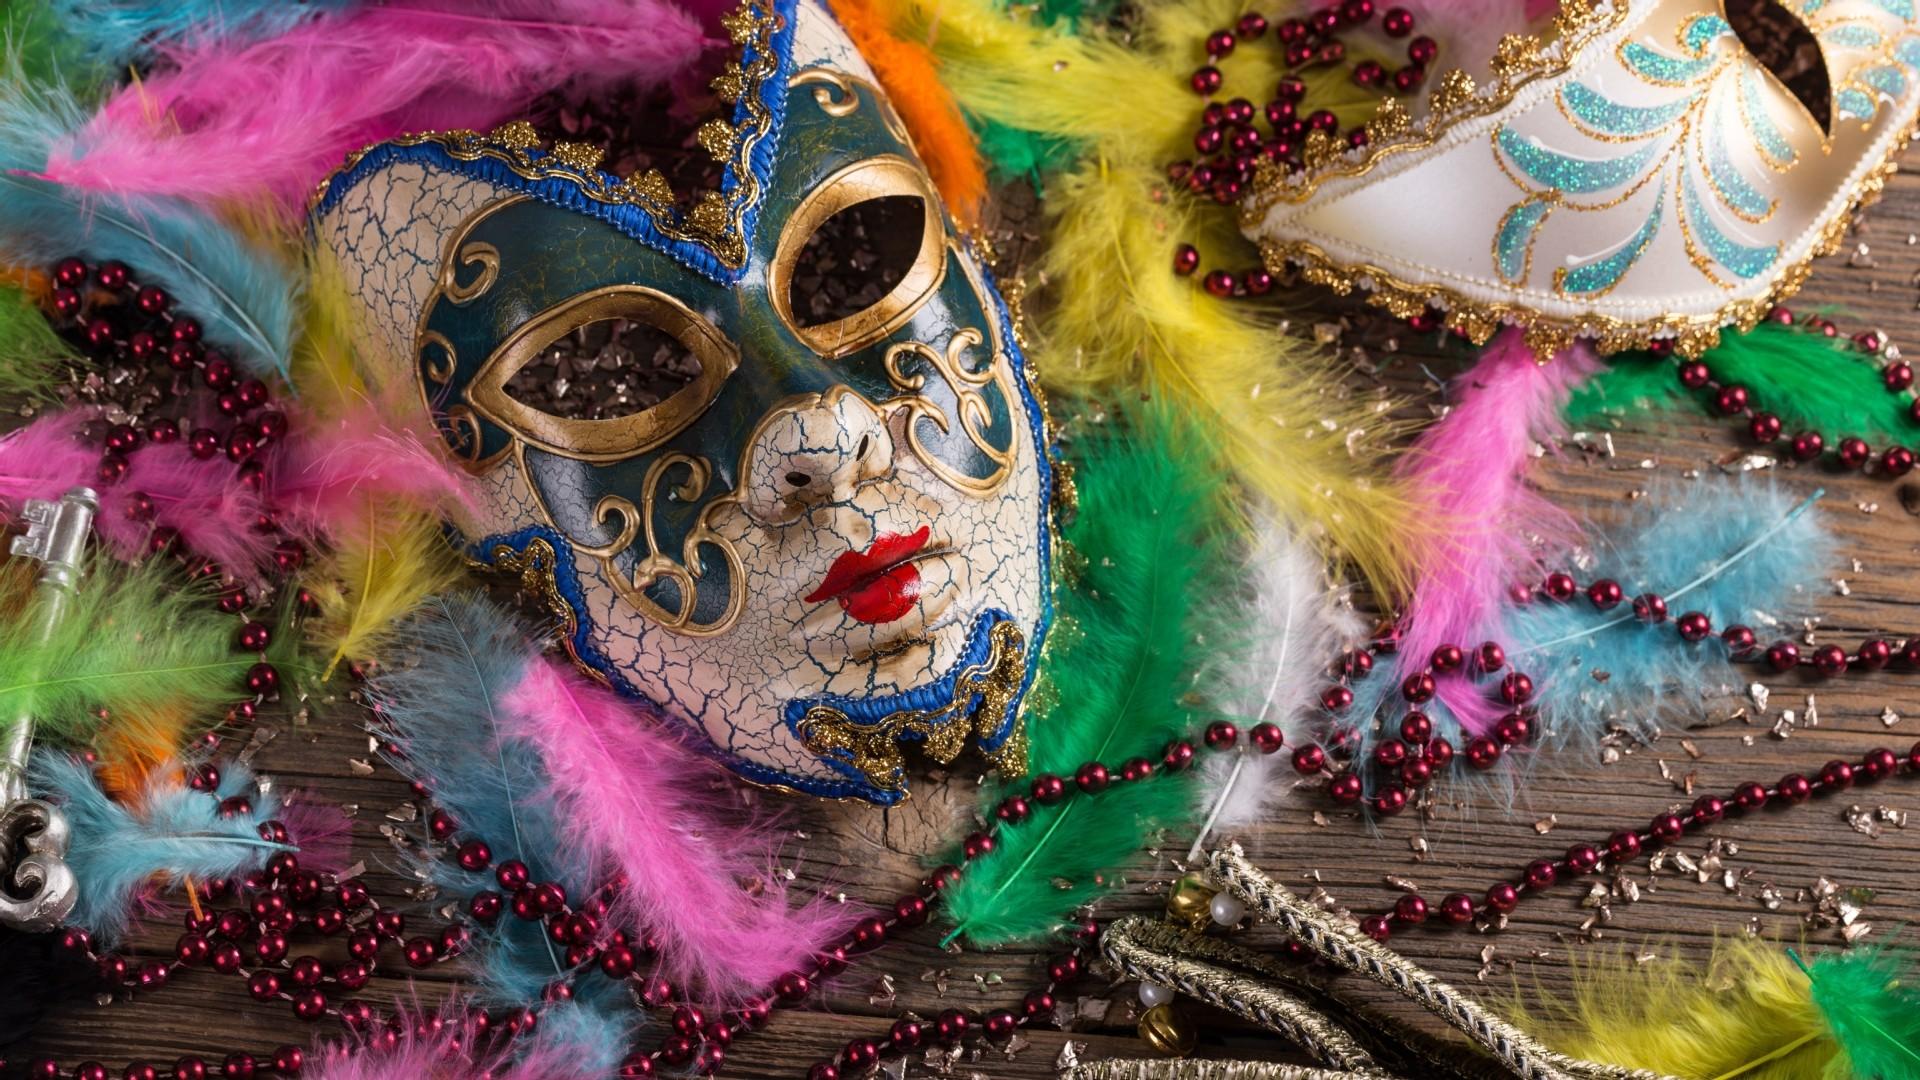 Sfondi di carnevale 50 immagini for Immagini hd sfondi